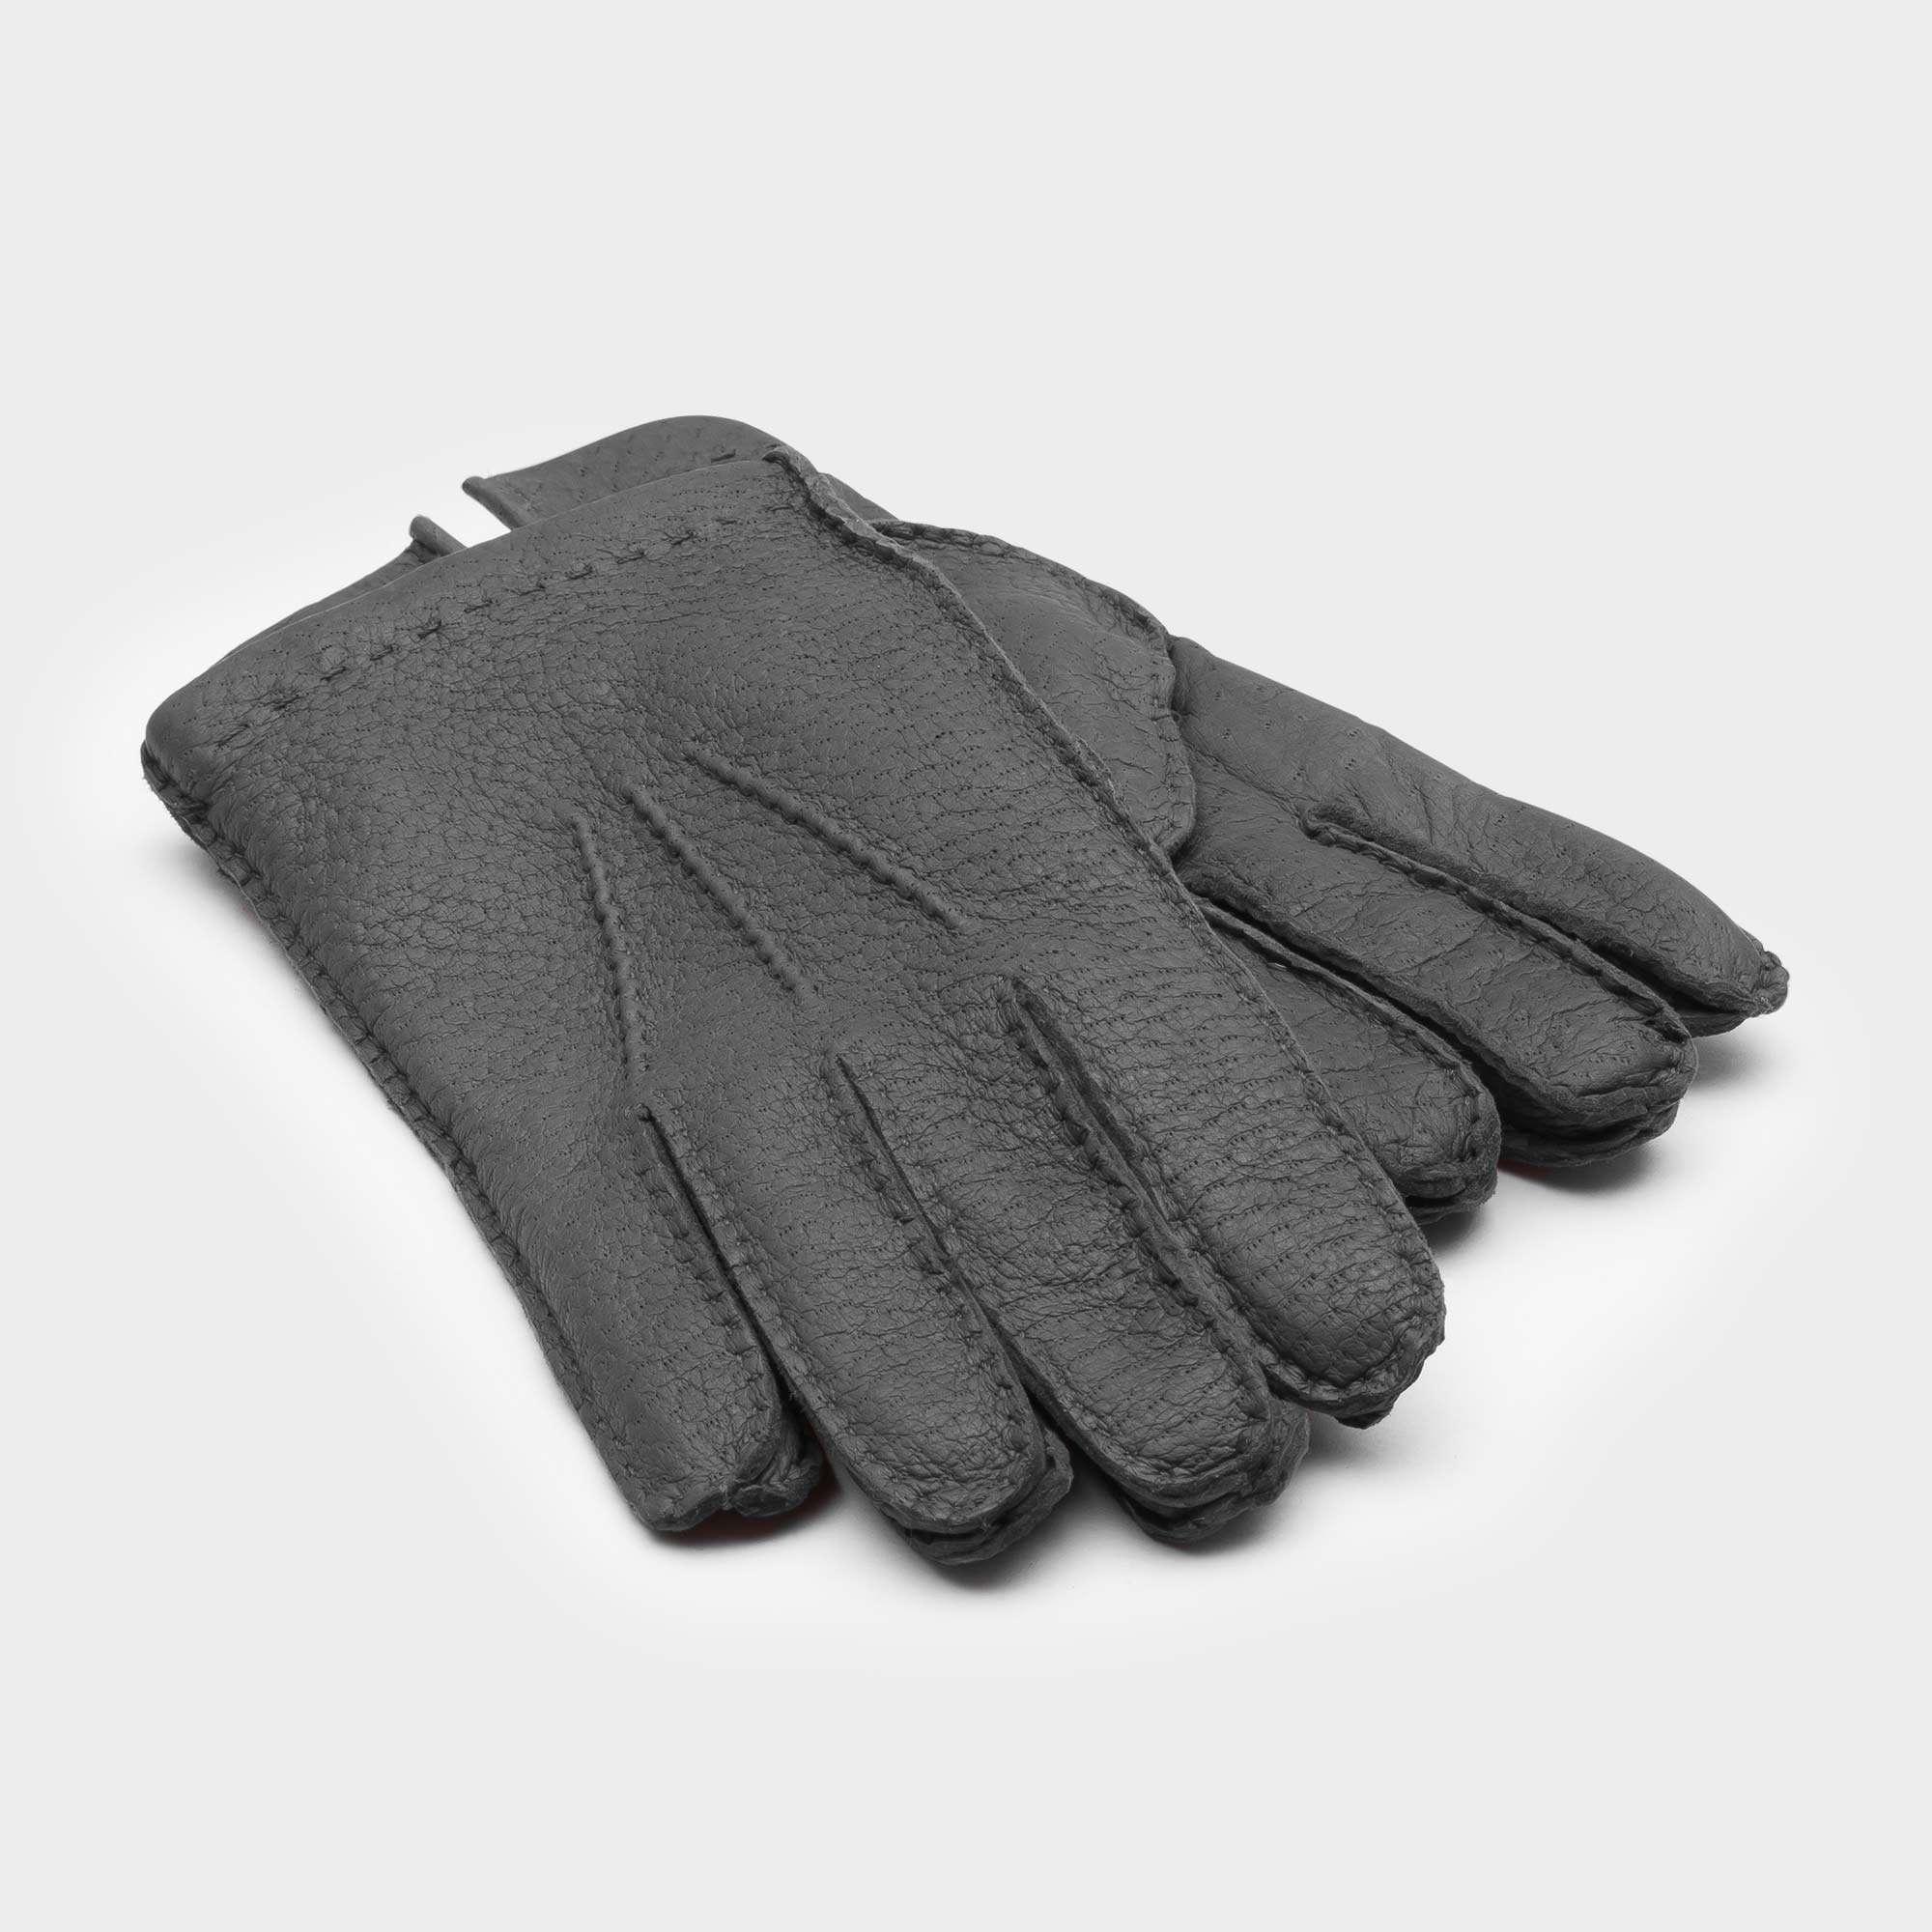 1b51185c5af453 Handgemachte Peccary Lederhandschuhe für Herren Grau – Salvatore   Dalgado